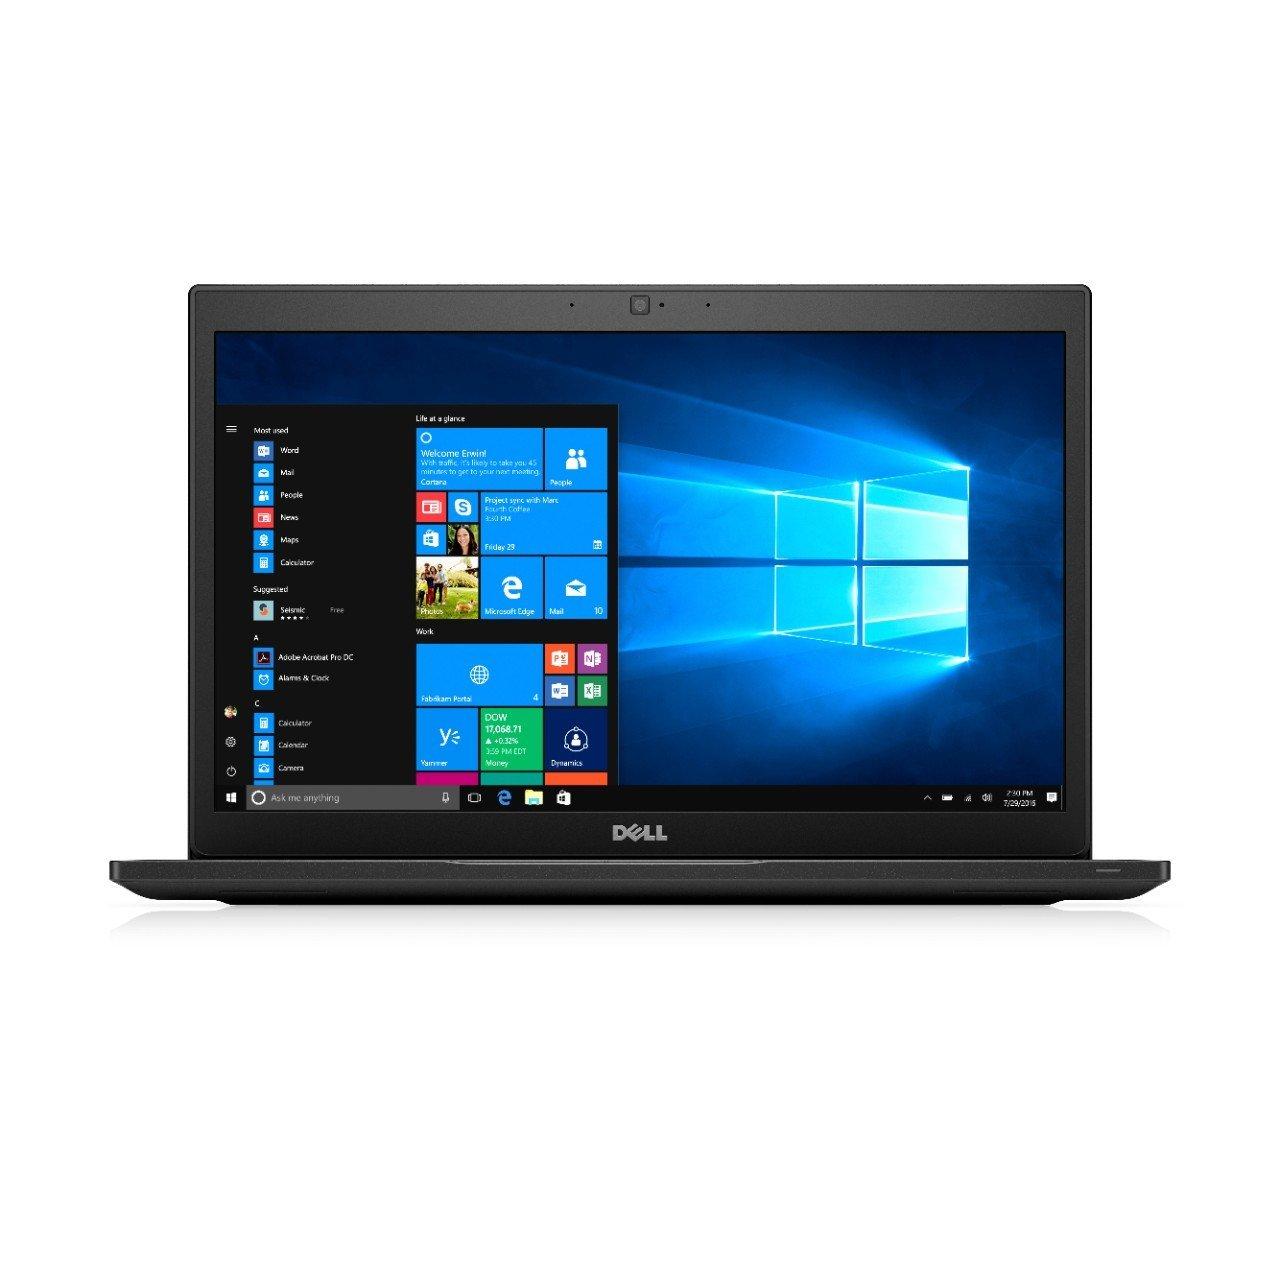 Ultrabook Dell Latitude 7480 14 Full HD Intel Core i5-7300U RAM 8GB SSD 512GB Windows 10 Pro